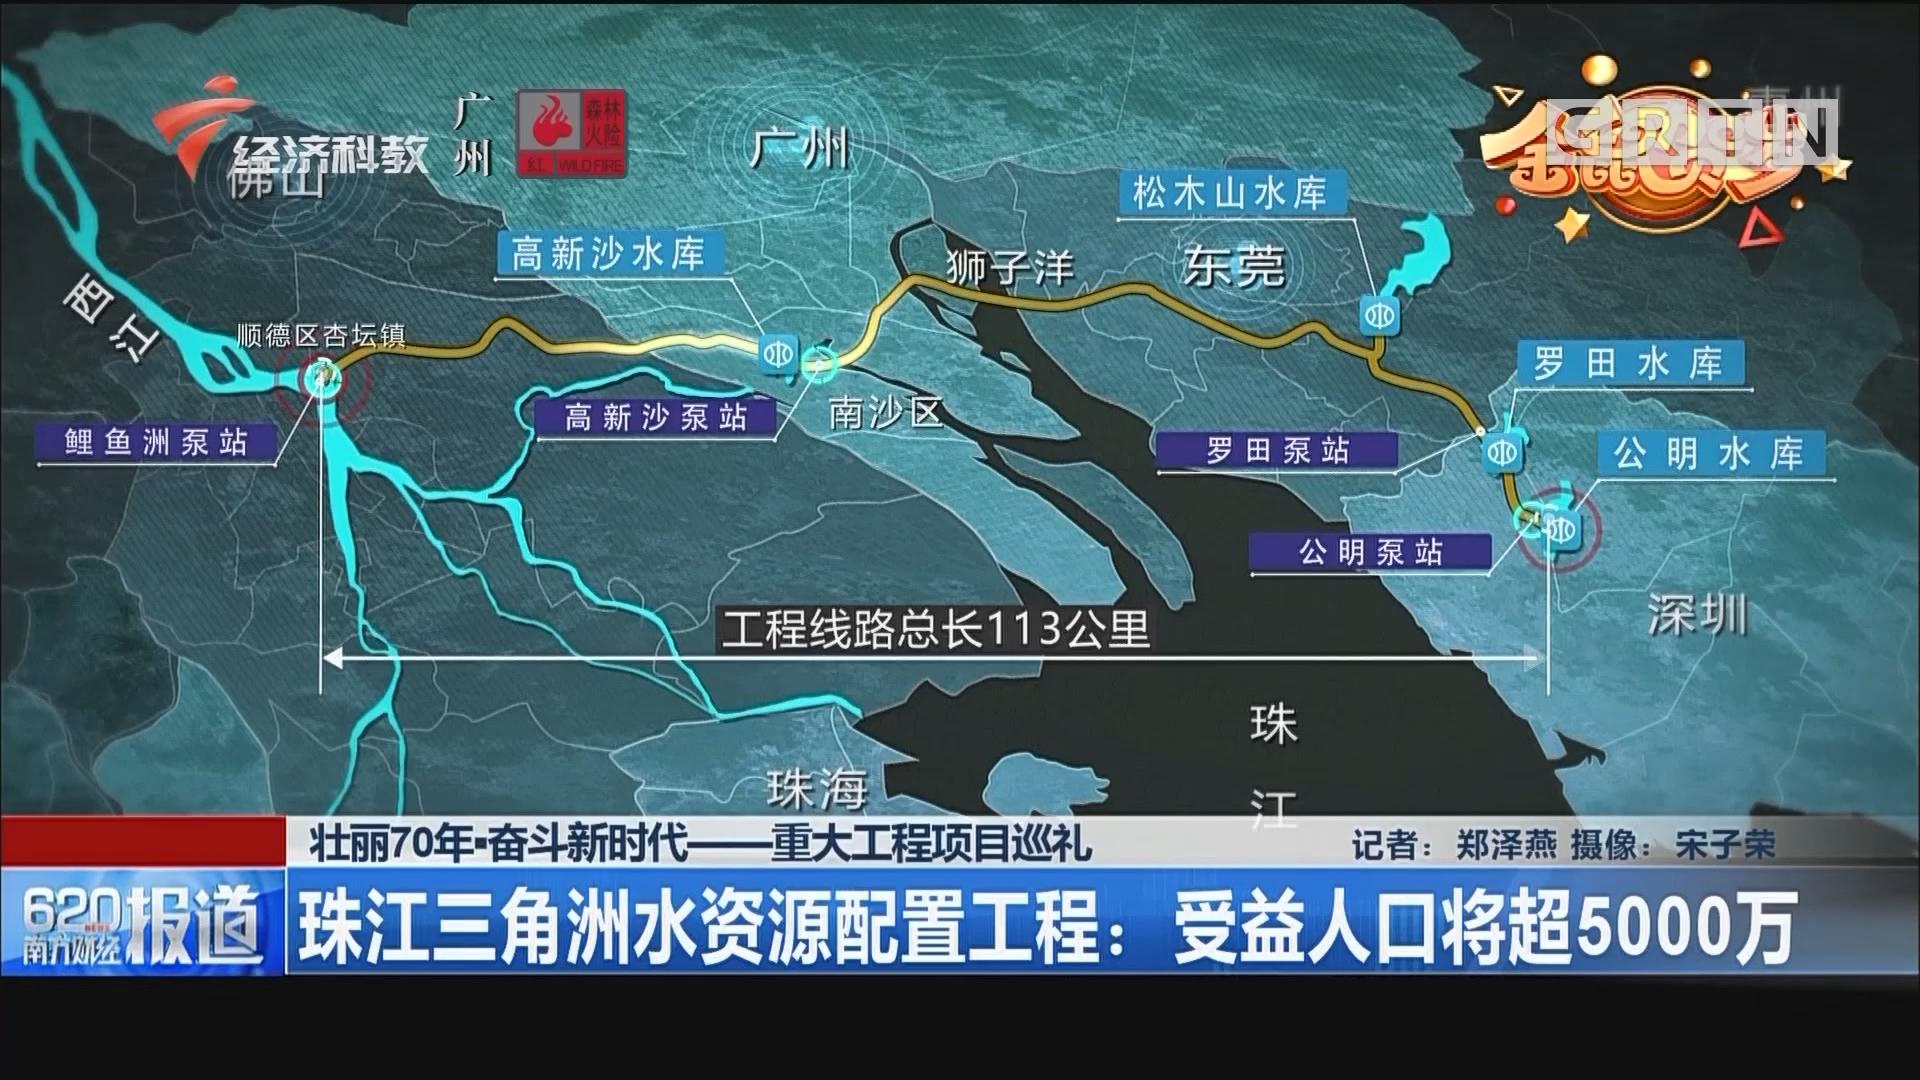 壮丽70年·奋斗新时代-重大工程项目巡礼 珠江三角洲水资源配置工程:受益人口将超5000万